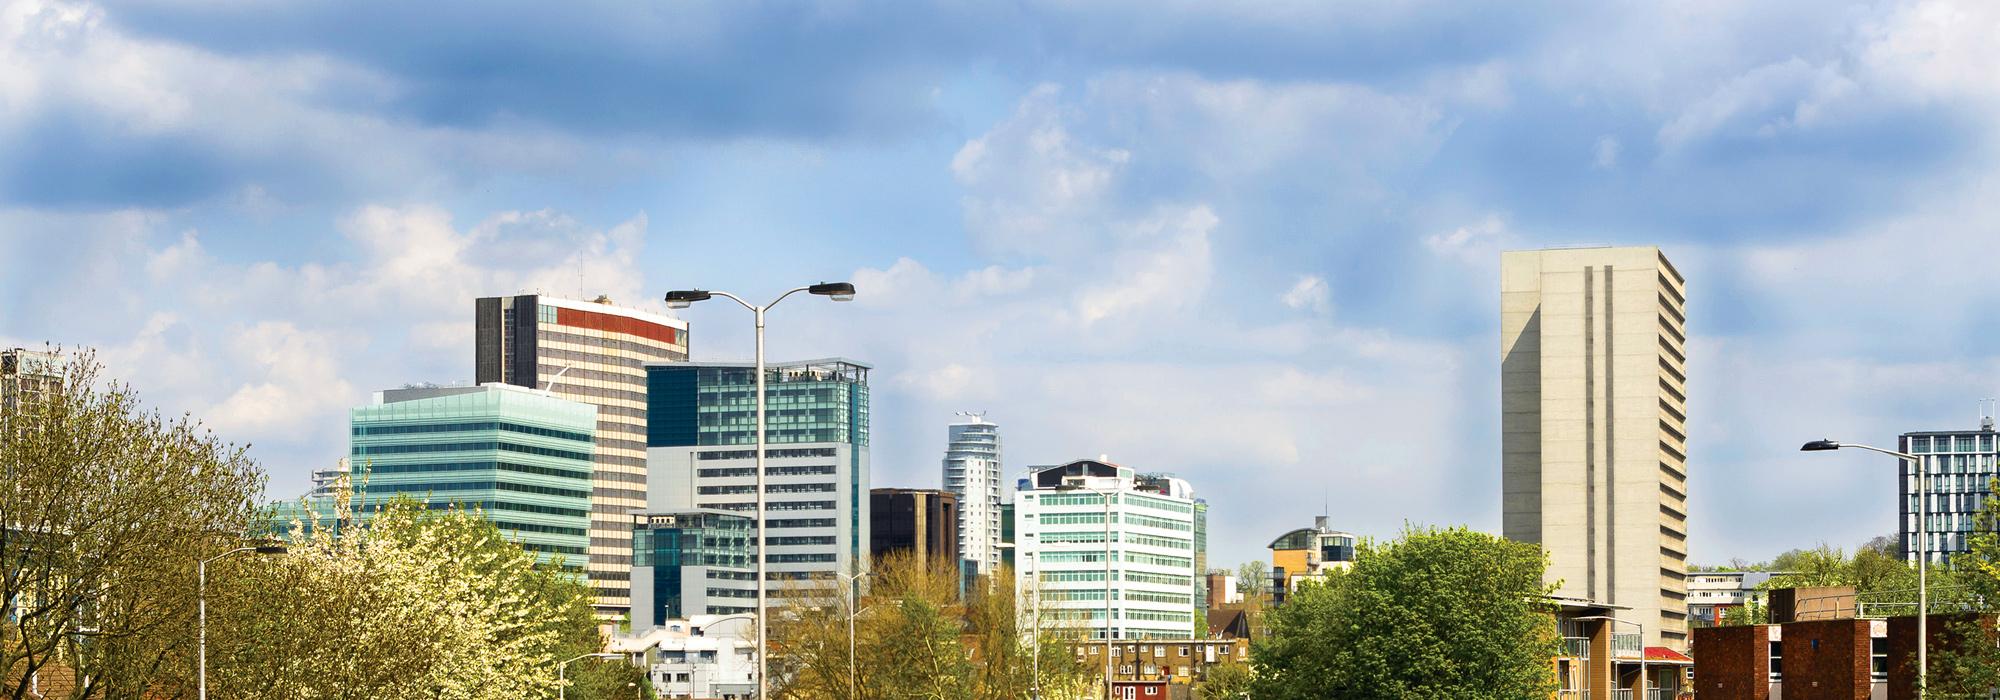 croydon-skyline